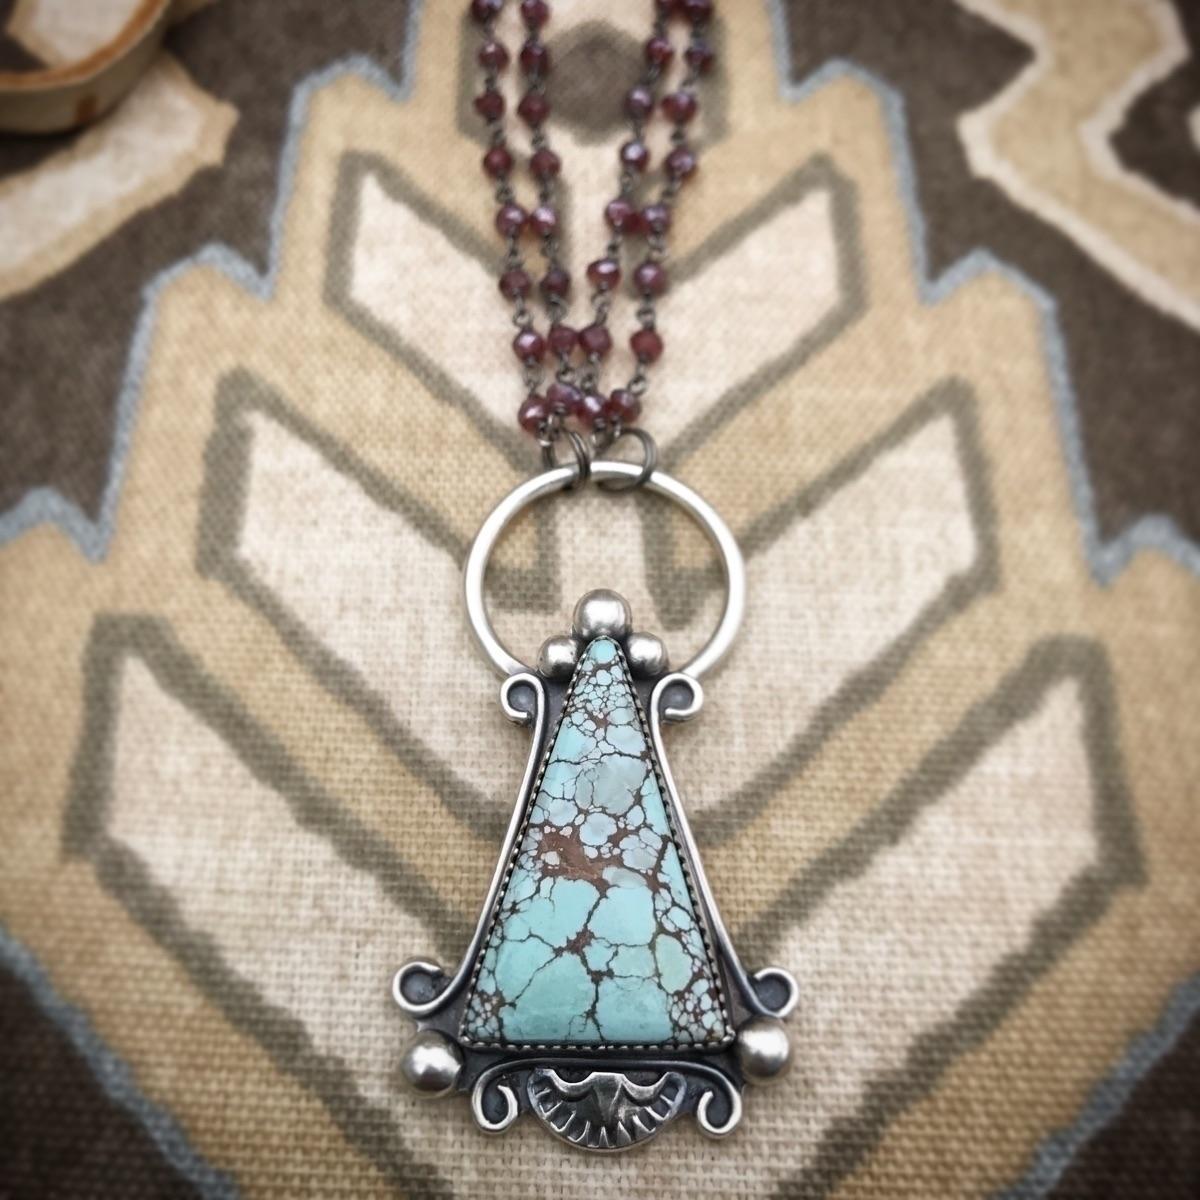 Long necklaces favorite. Lavend - sierrasagedesigns | ello